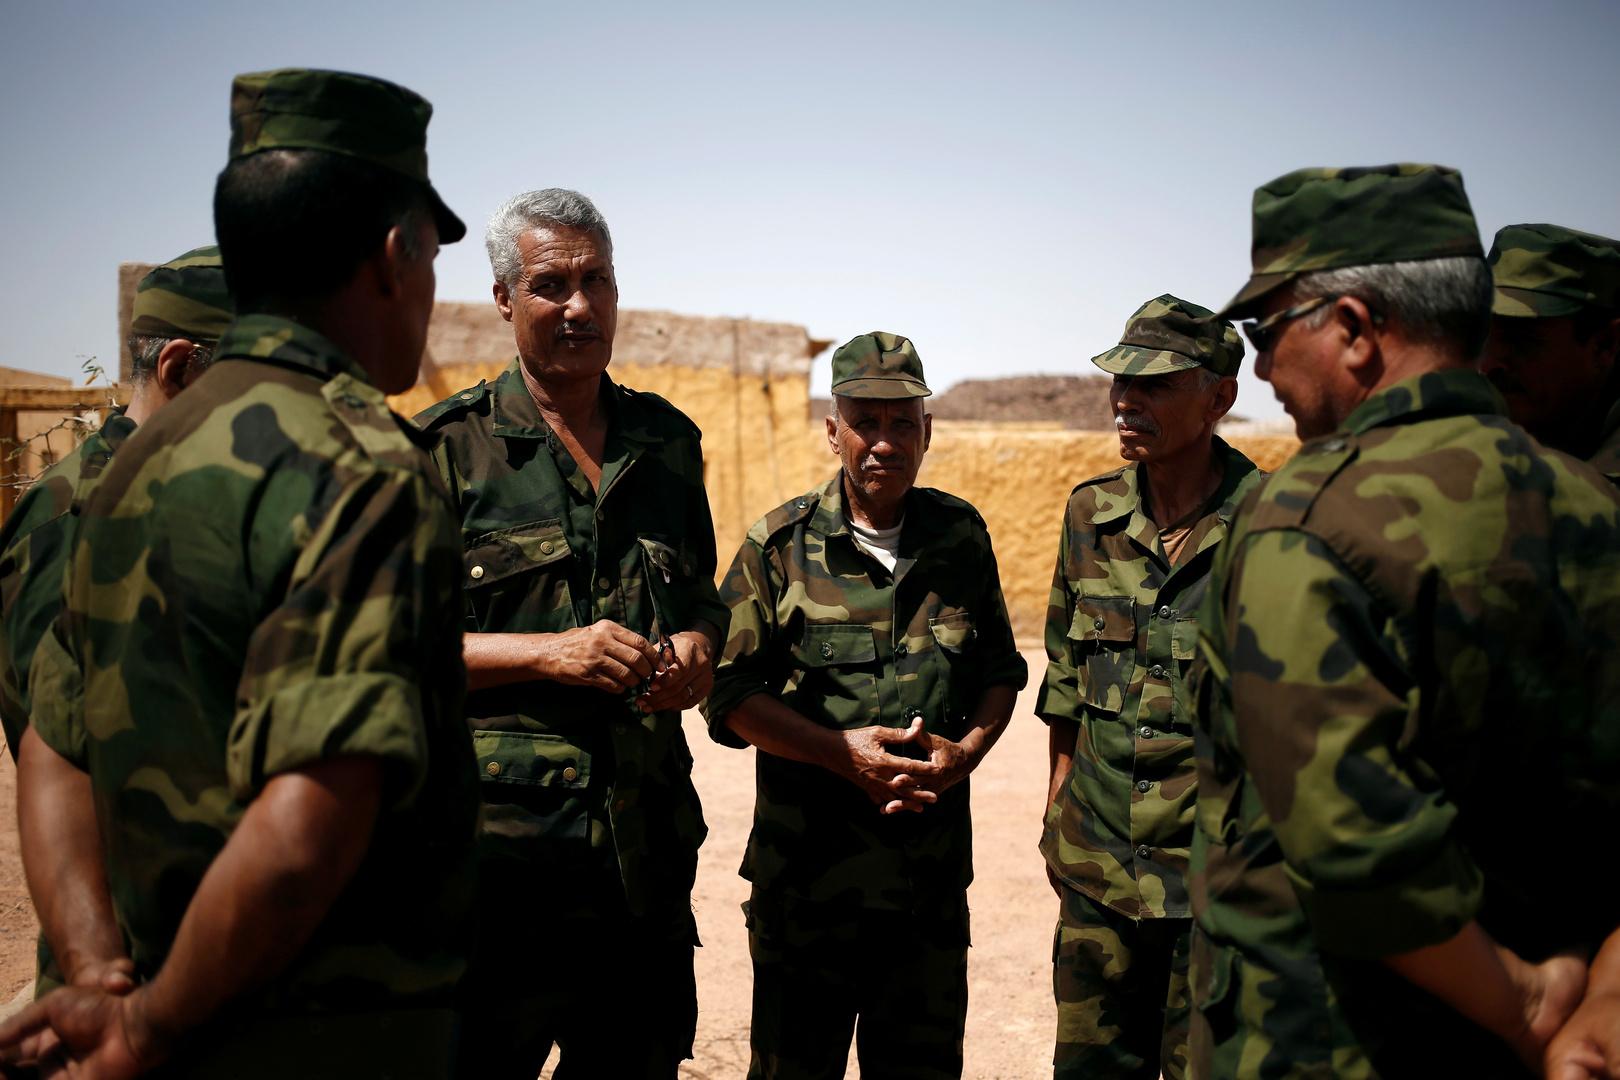 المغرب يطلق عملية عسكرية في الكركرات بالصحراء.. والبوليساريو تعلن عن